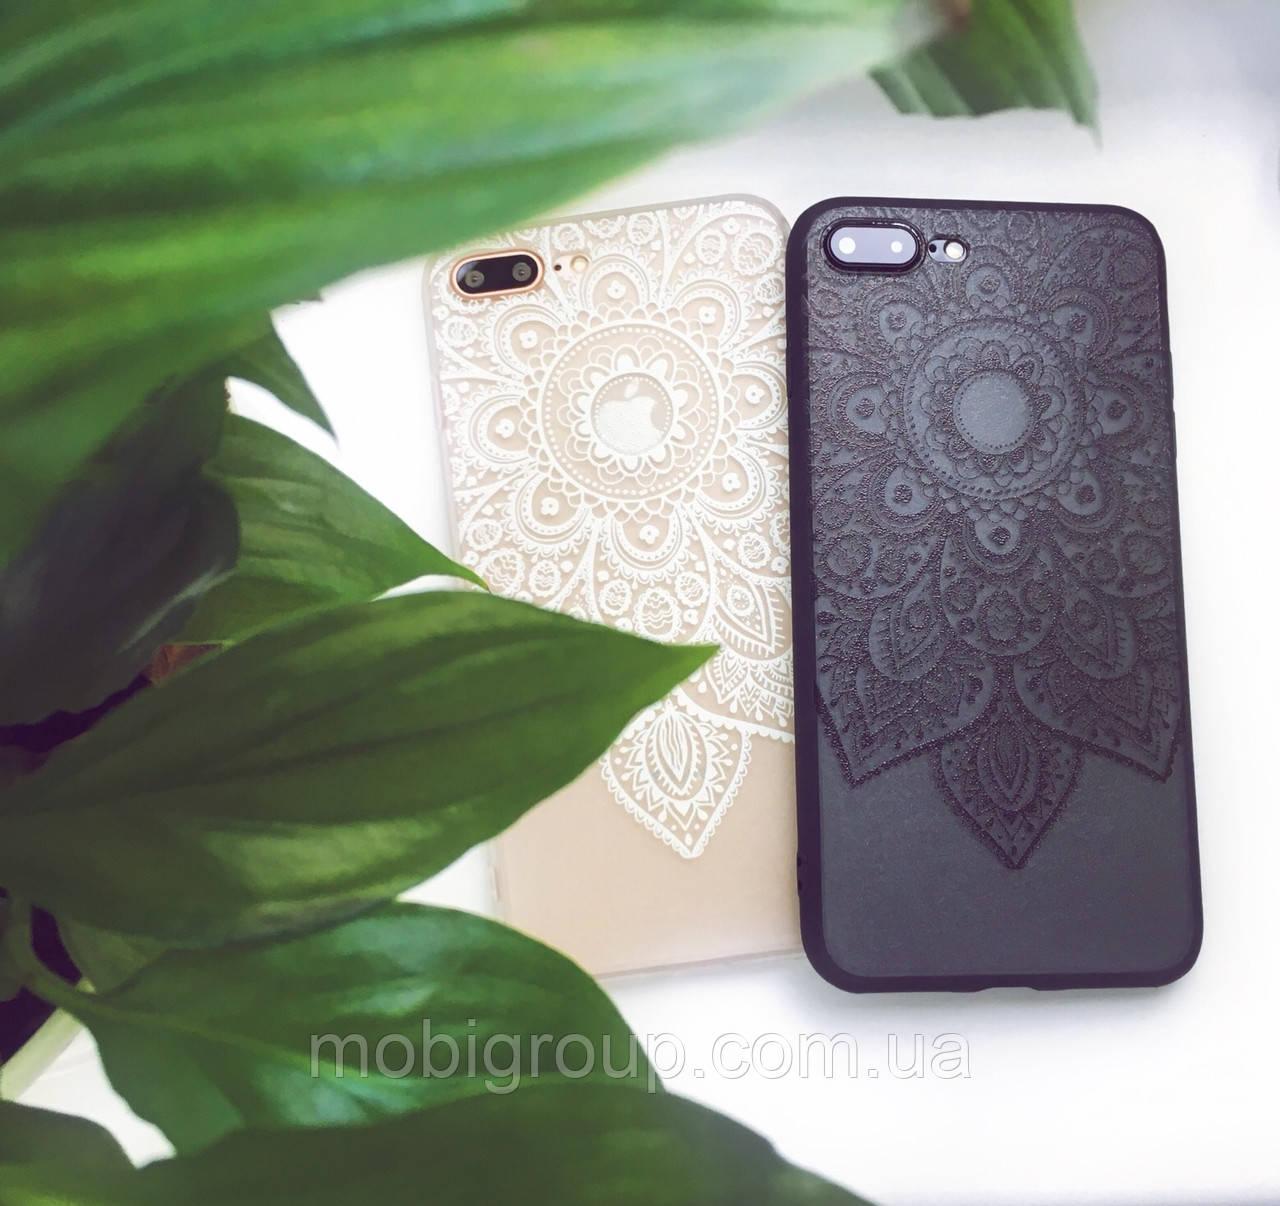 Винтажный пластиковый чехол с каучуковым бампером для iPhone 7 Plus